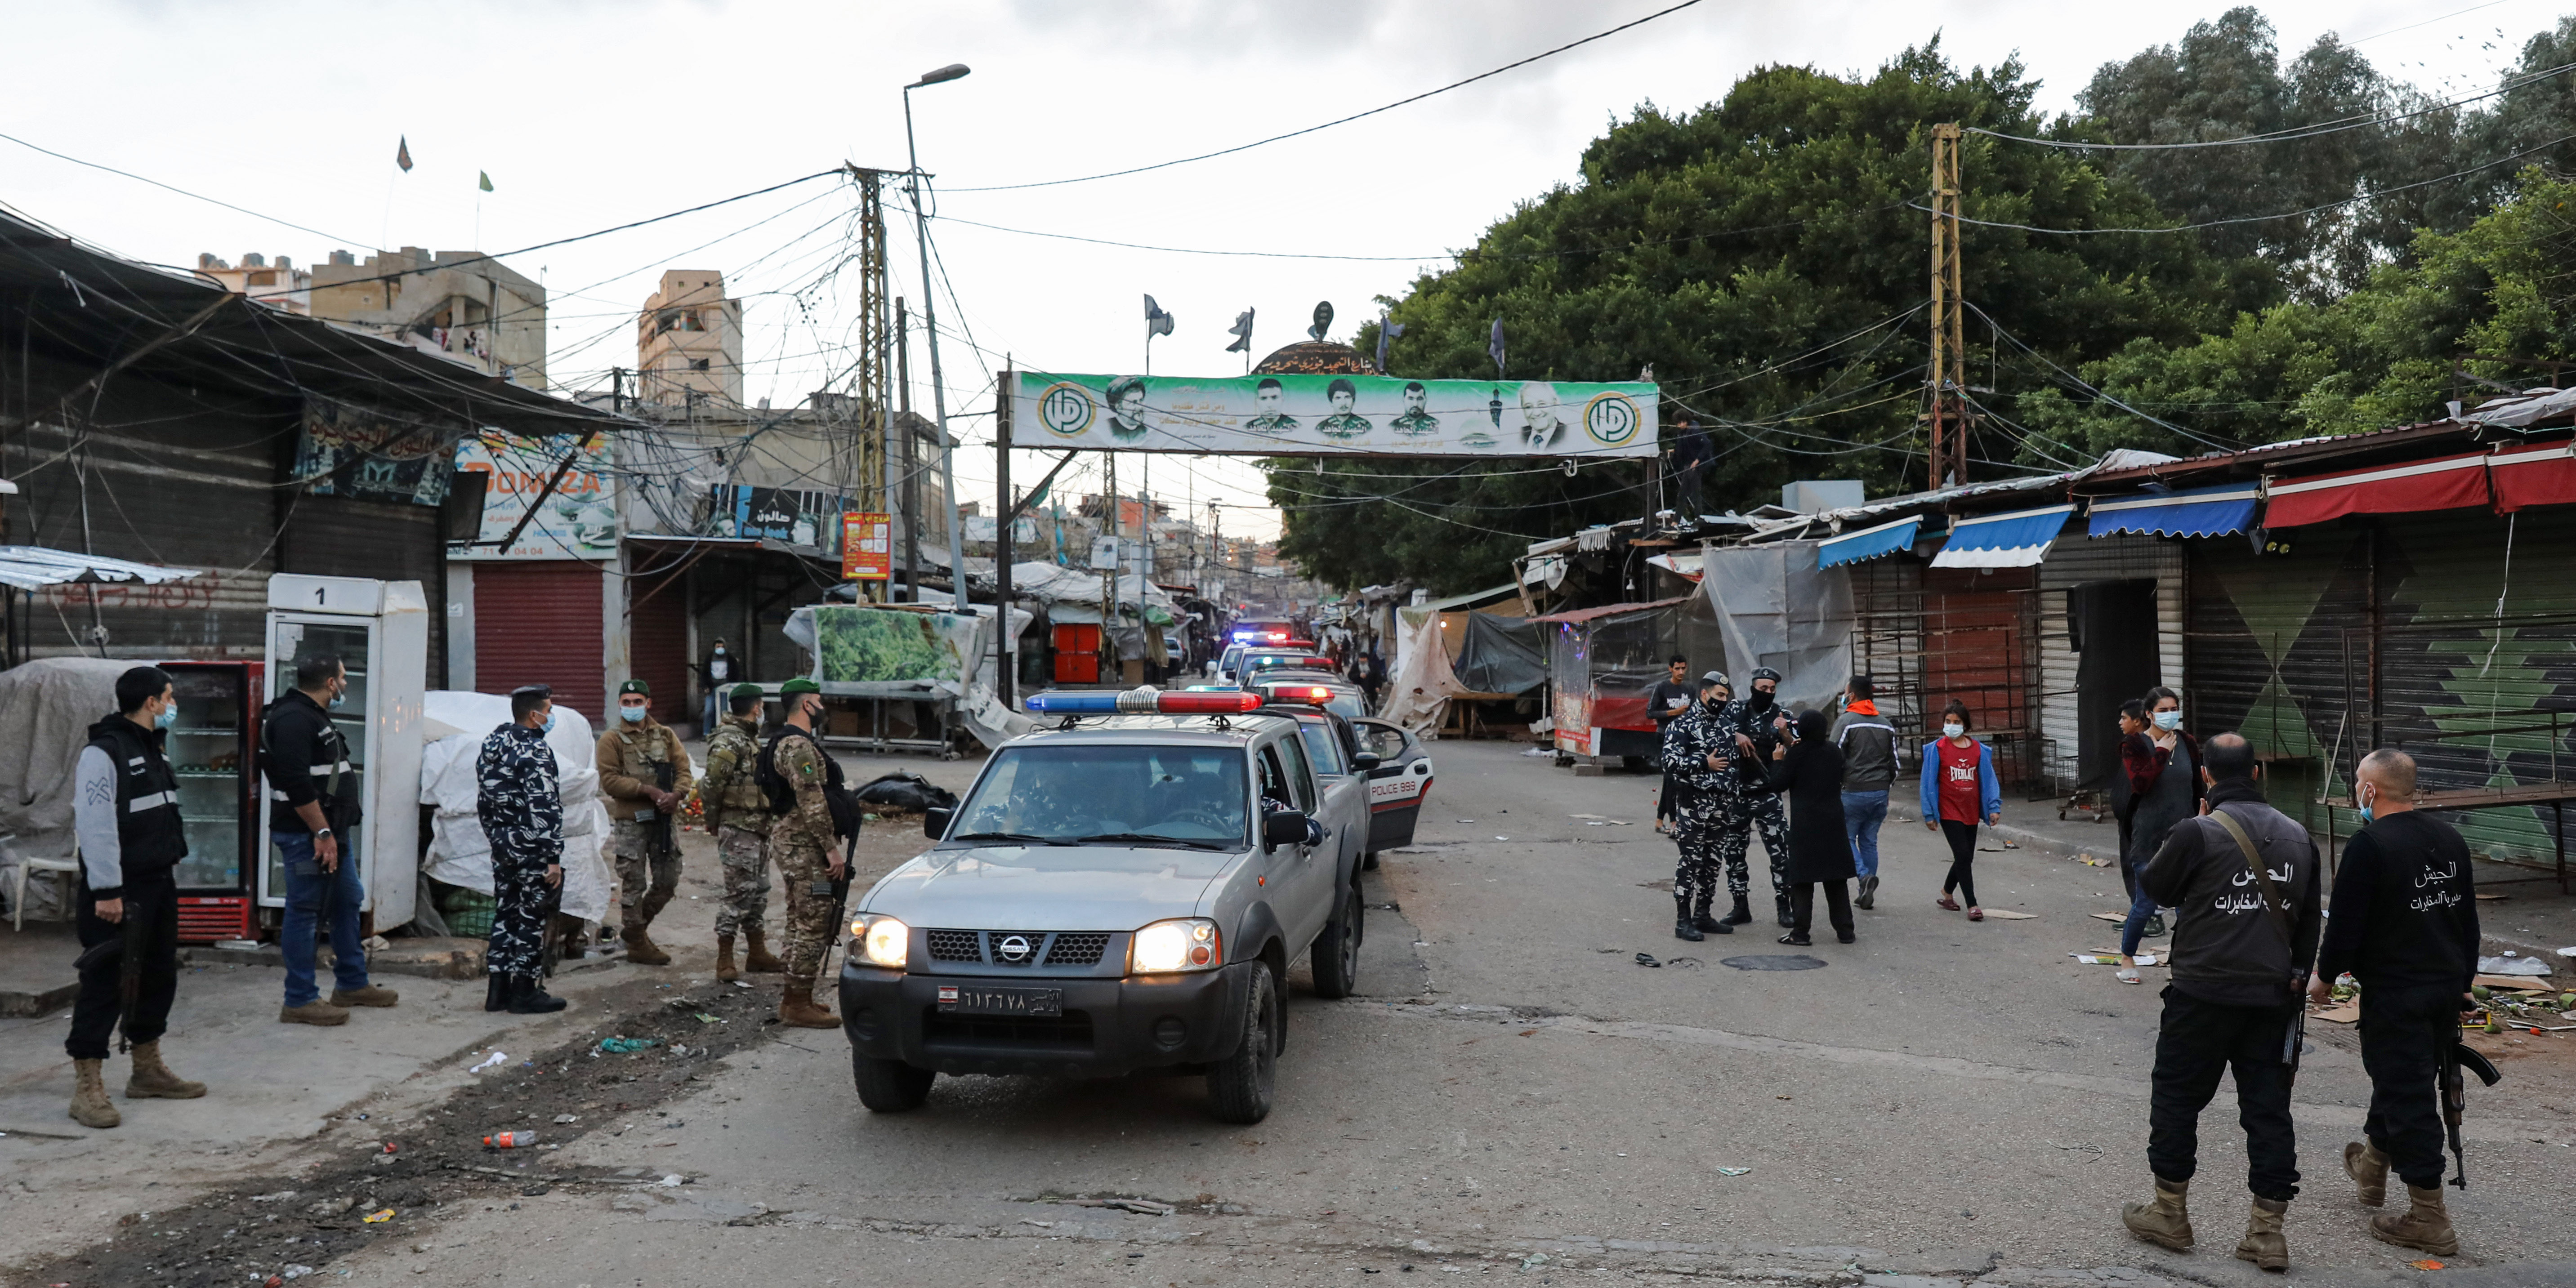 الأحياء الفقيرة لا تلتزم بإجراءات الإغلاق بسبب العوز والشرطة تسطر آلاف المحاضر